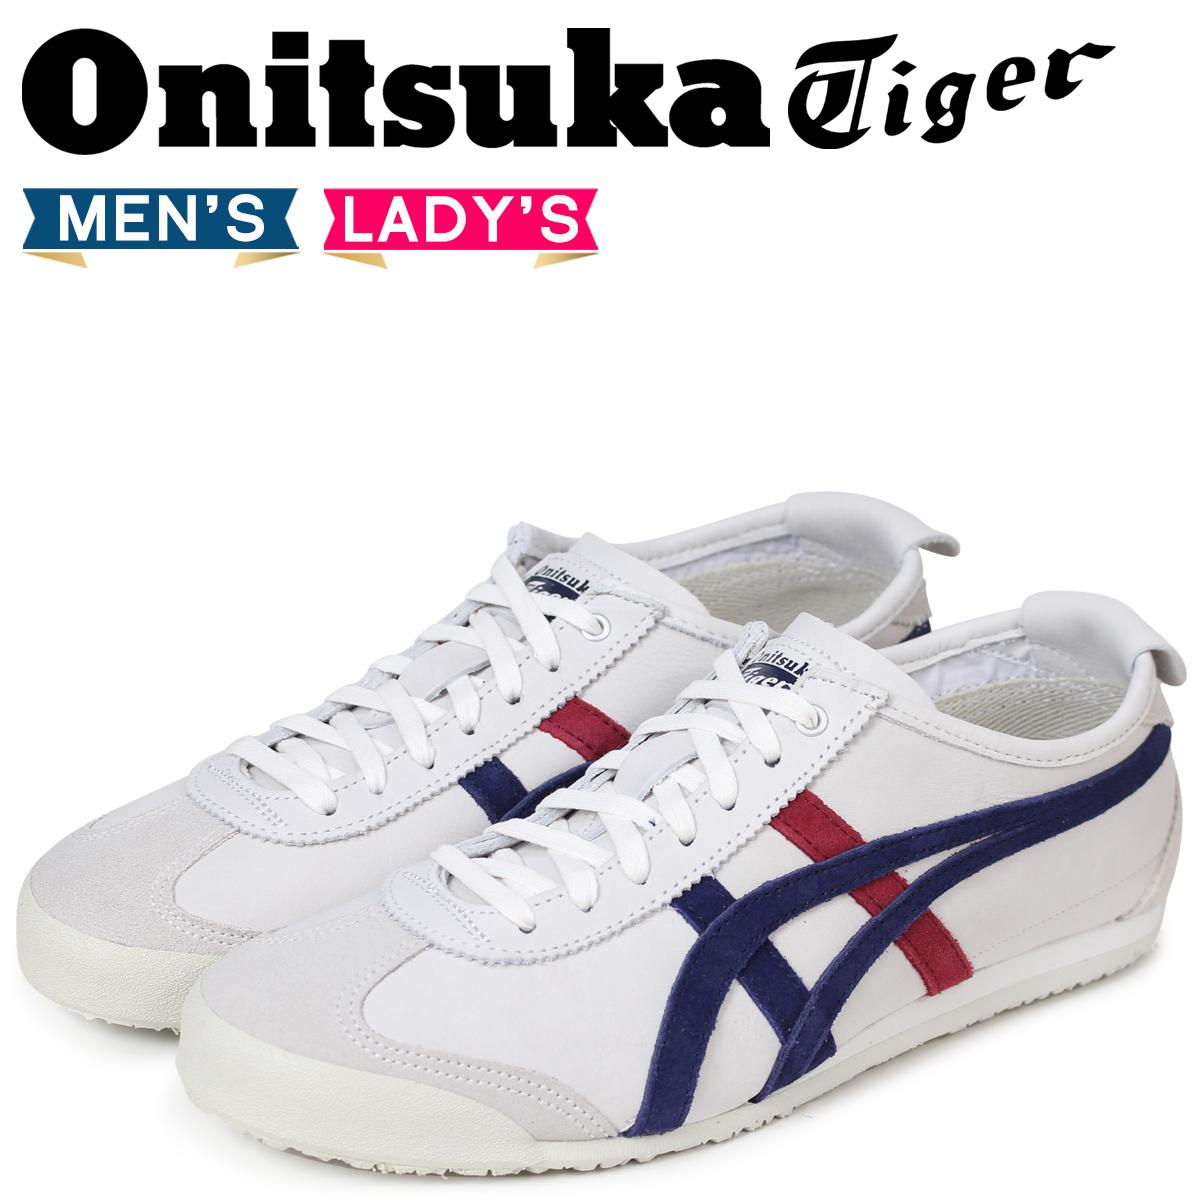 Onitsuka Tiger メキシコ 66 オニツカタイガー MEXICO 66 メンズ レディース スニーカー D832L-9058 グレー